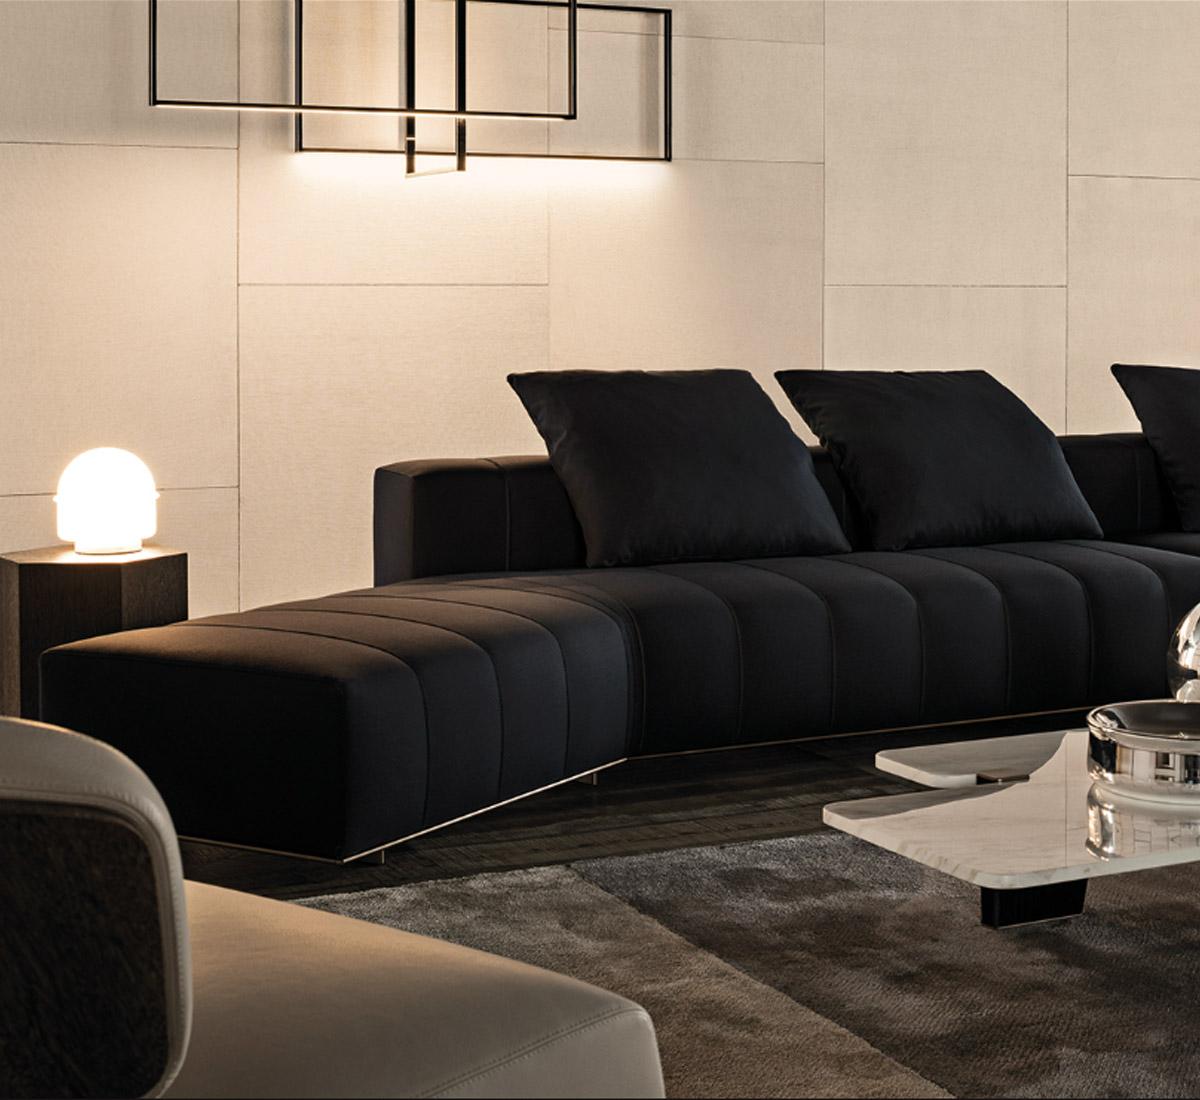 Freeman lounge divano modulare di minotti divani e poltrone arredamento mollura home design - Divano modulare economico ...